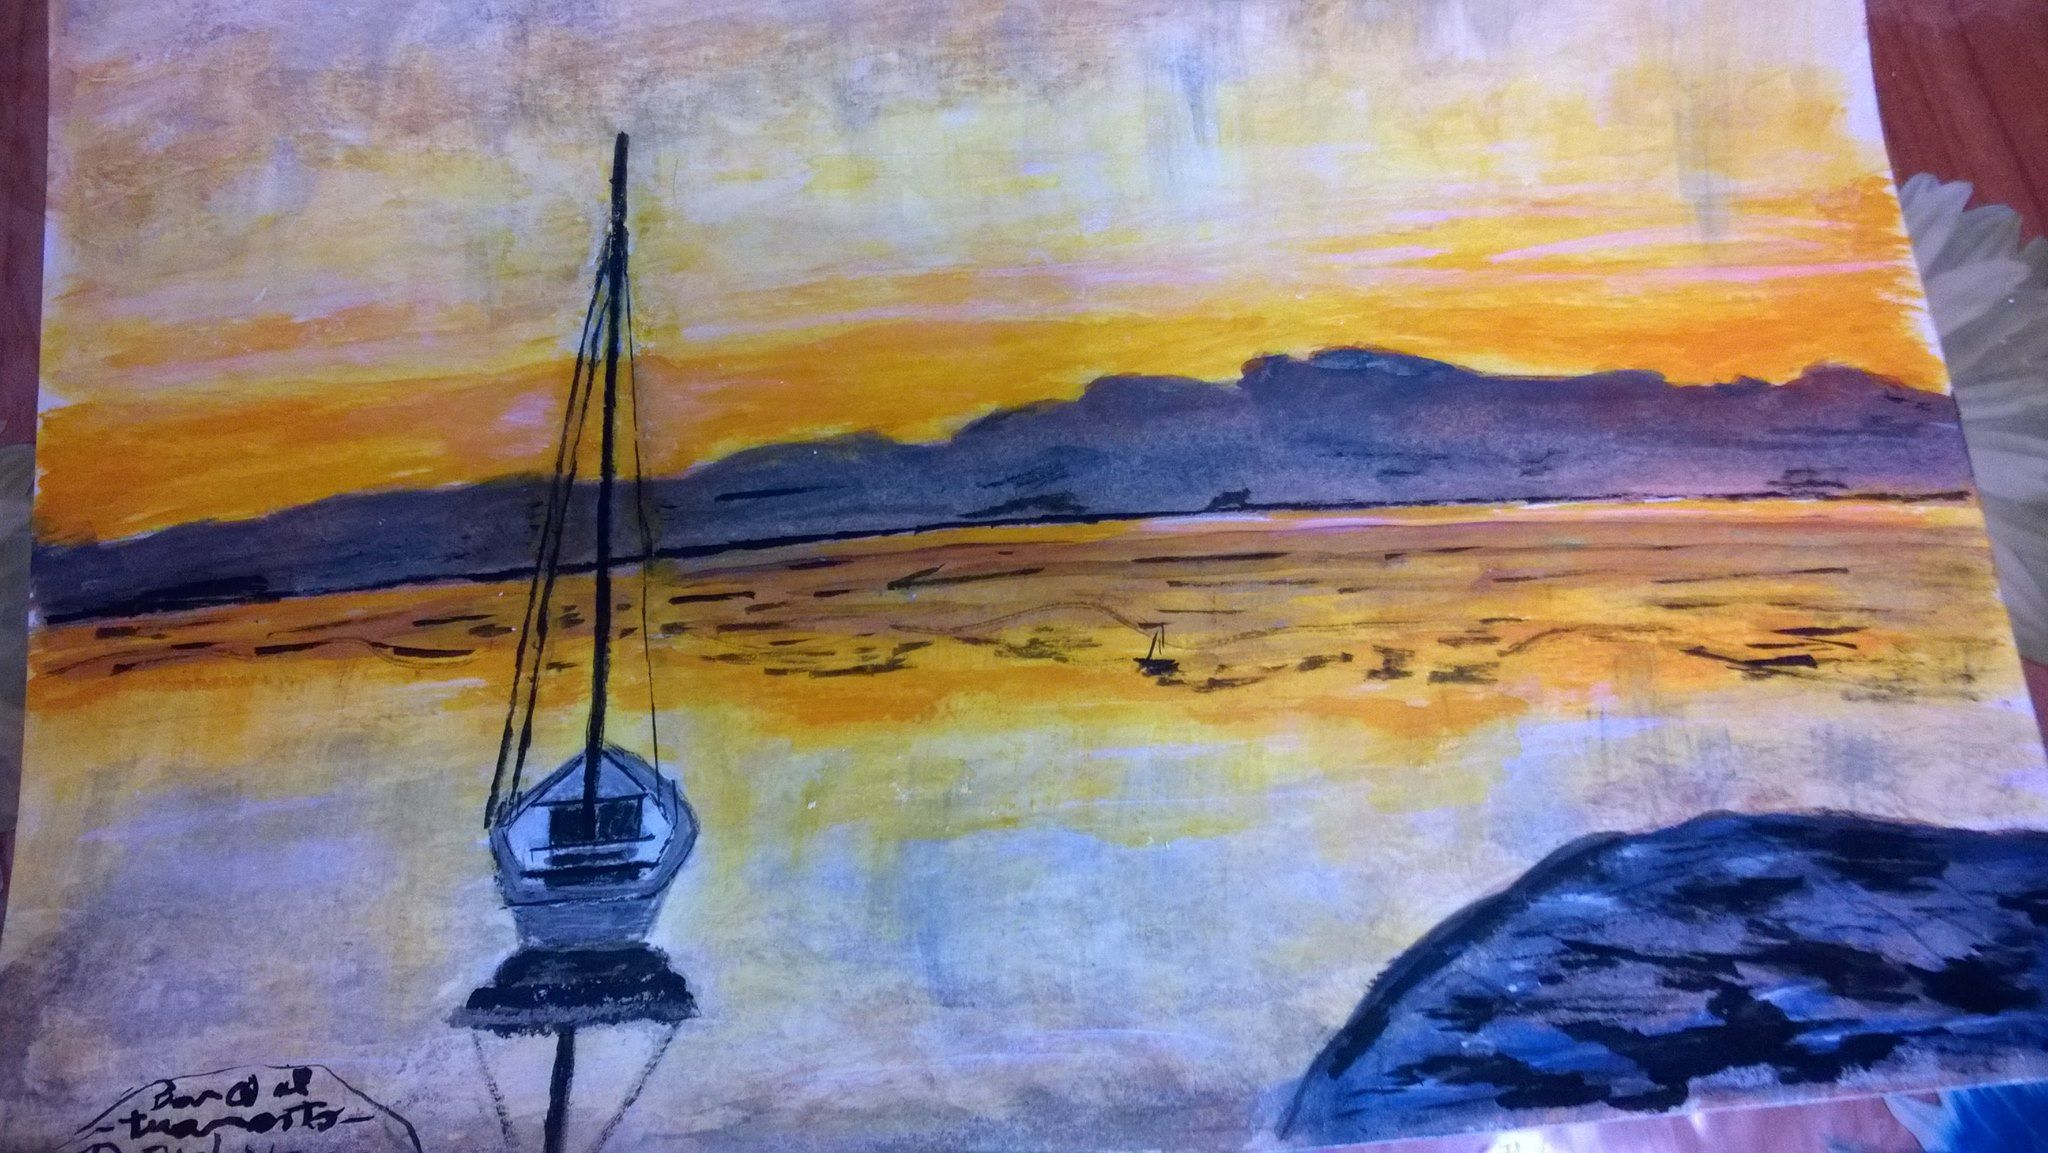 dipinto con colori ad acquarello ispirata ancora dal tramonto i suoi colori che creano un atmosfera magica è DISPONIBILE PER L'ACQUISTO